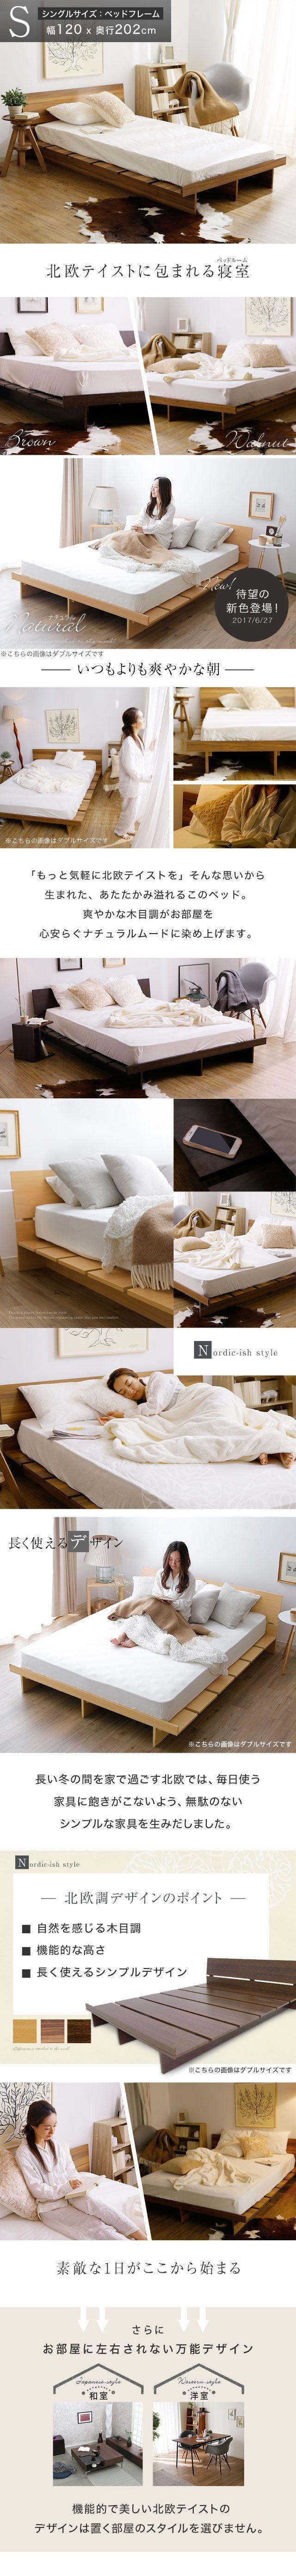 ベッド ベッドフレーム シングル フレームのみ。ベッドフレーム ベッド フレーム ローベッド シングル シングルベッド すのこベッド マットレス対応 シングルベット ベット モダン ロータイプ フレームのみ